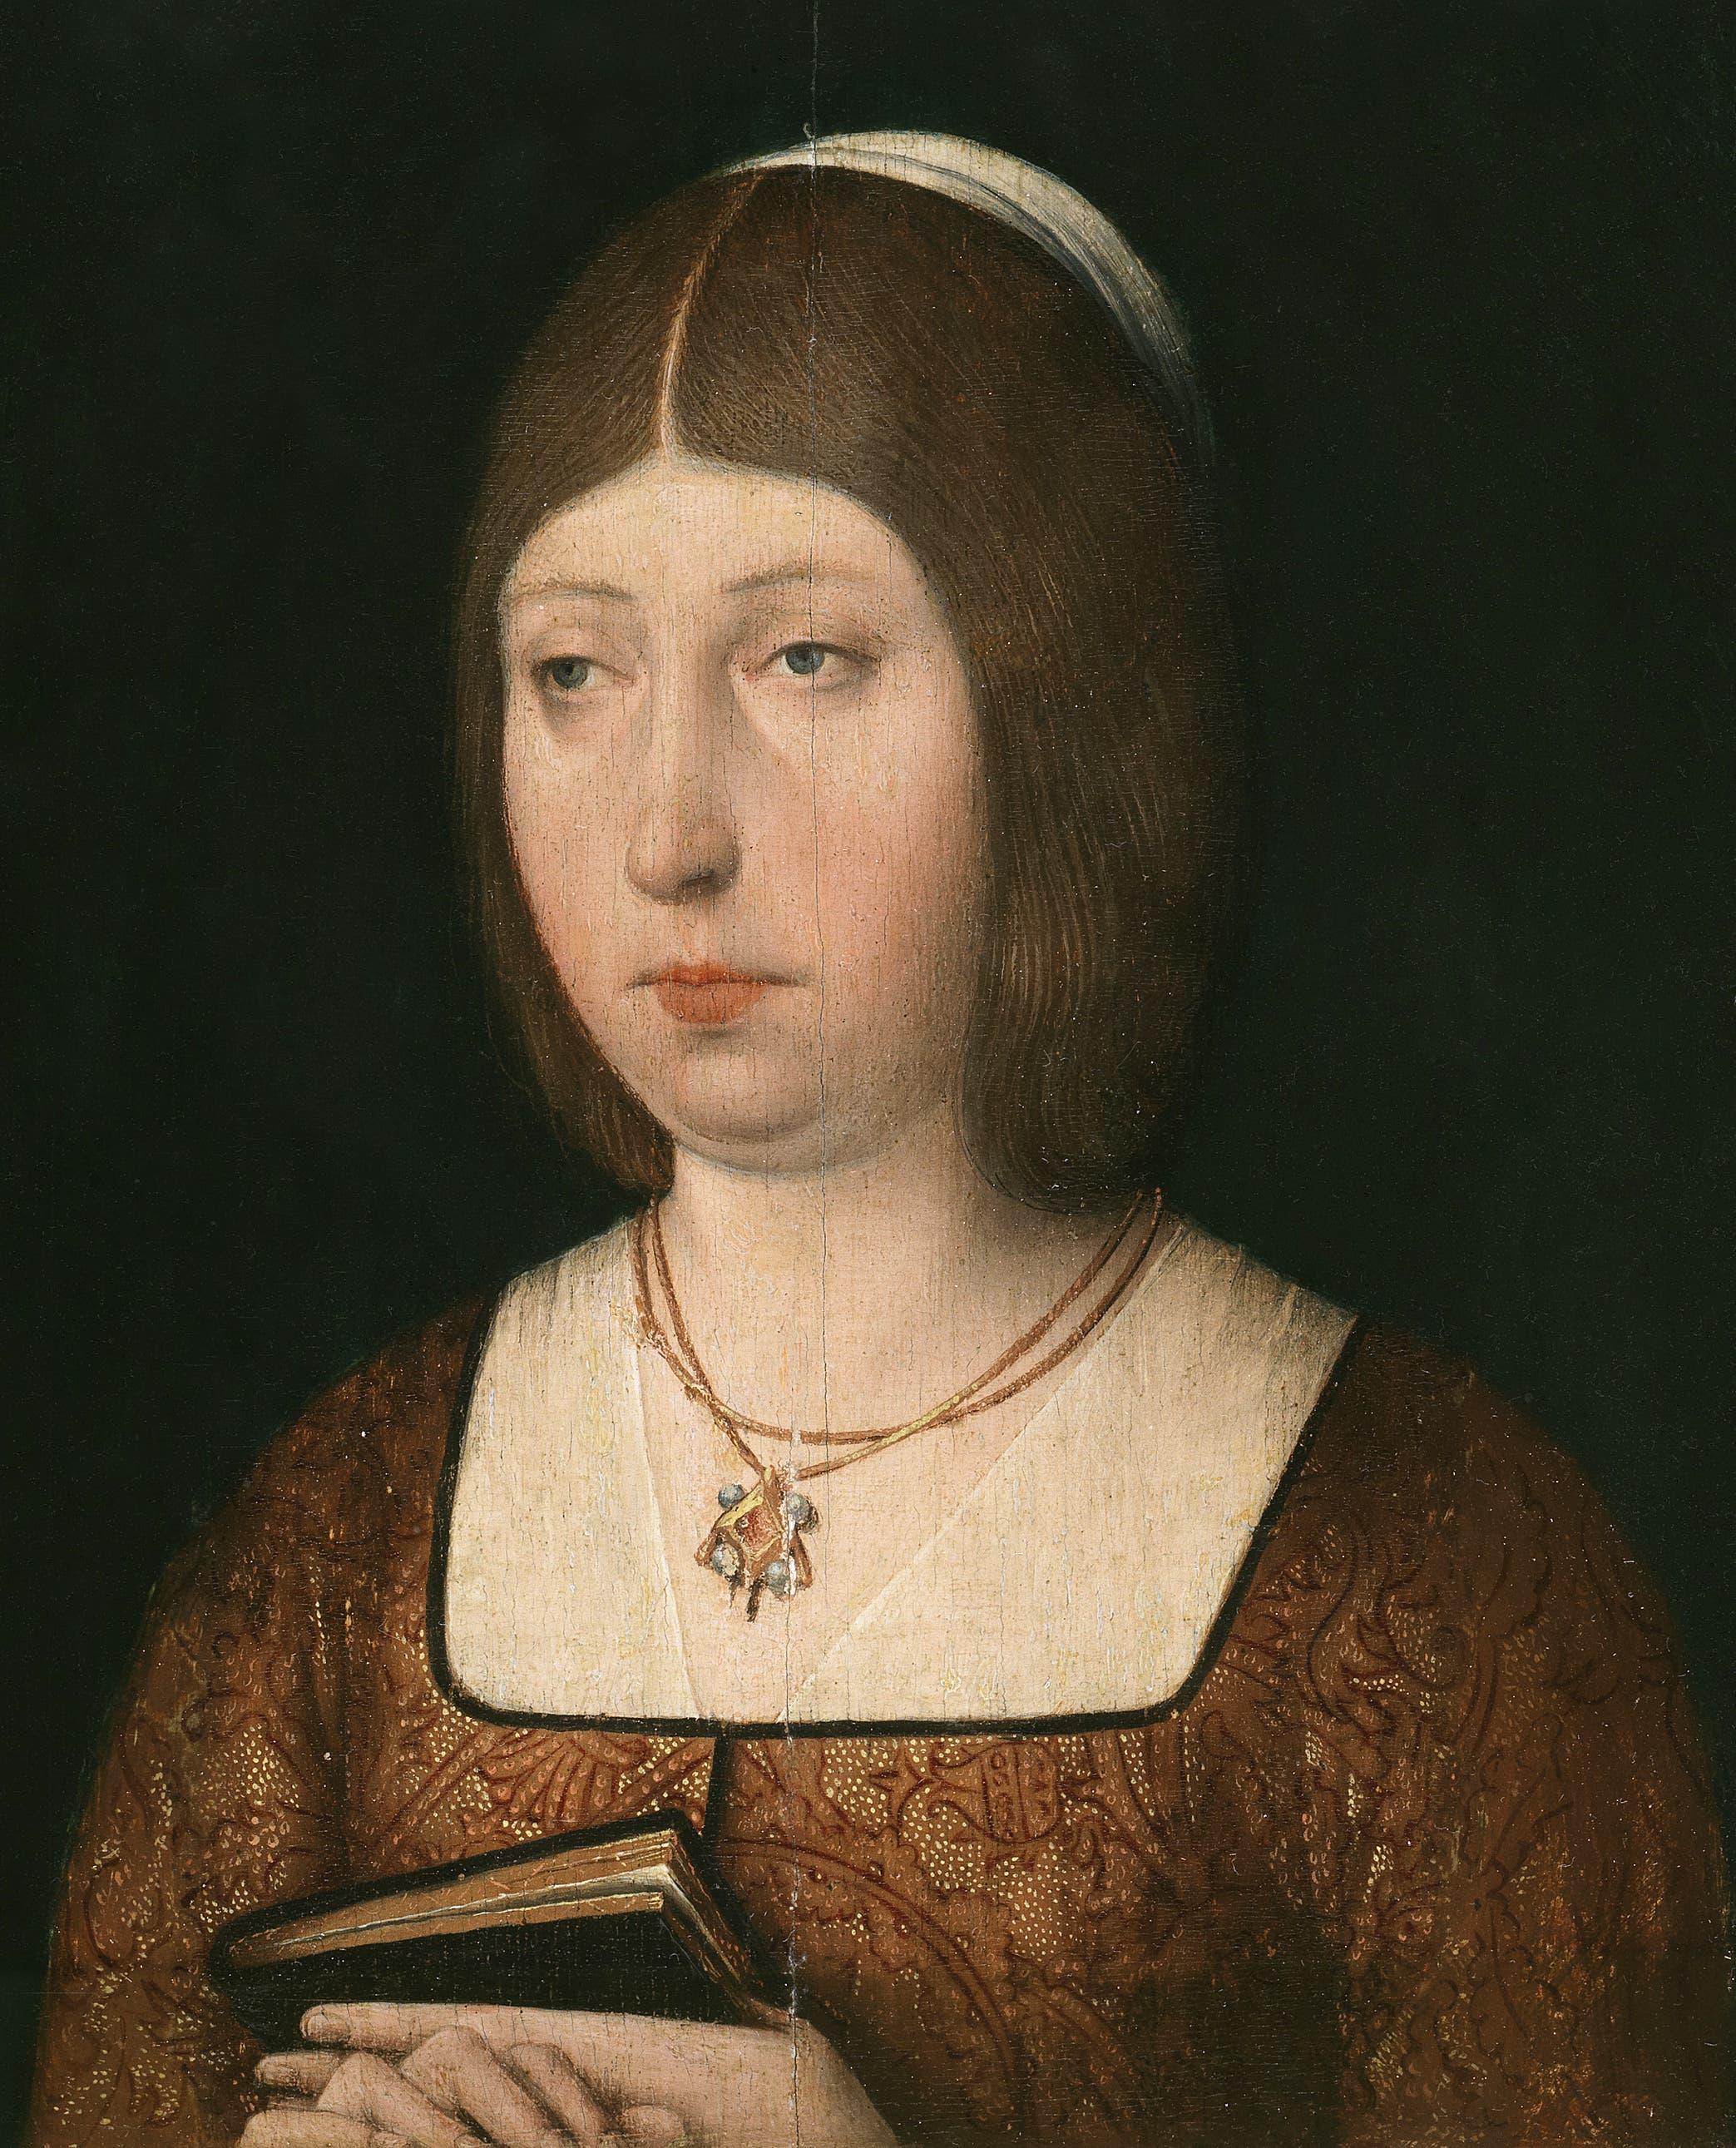 لوحة تجسد الملك إيزابيلا الأولى